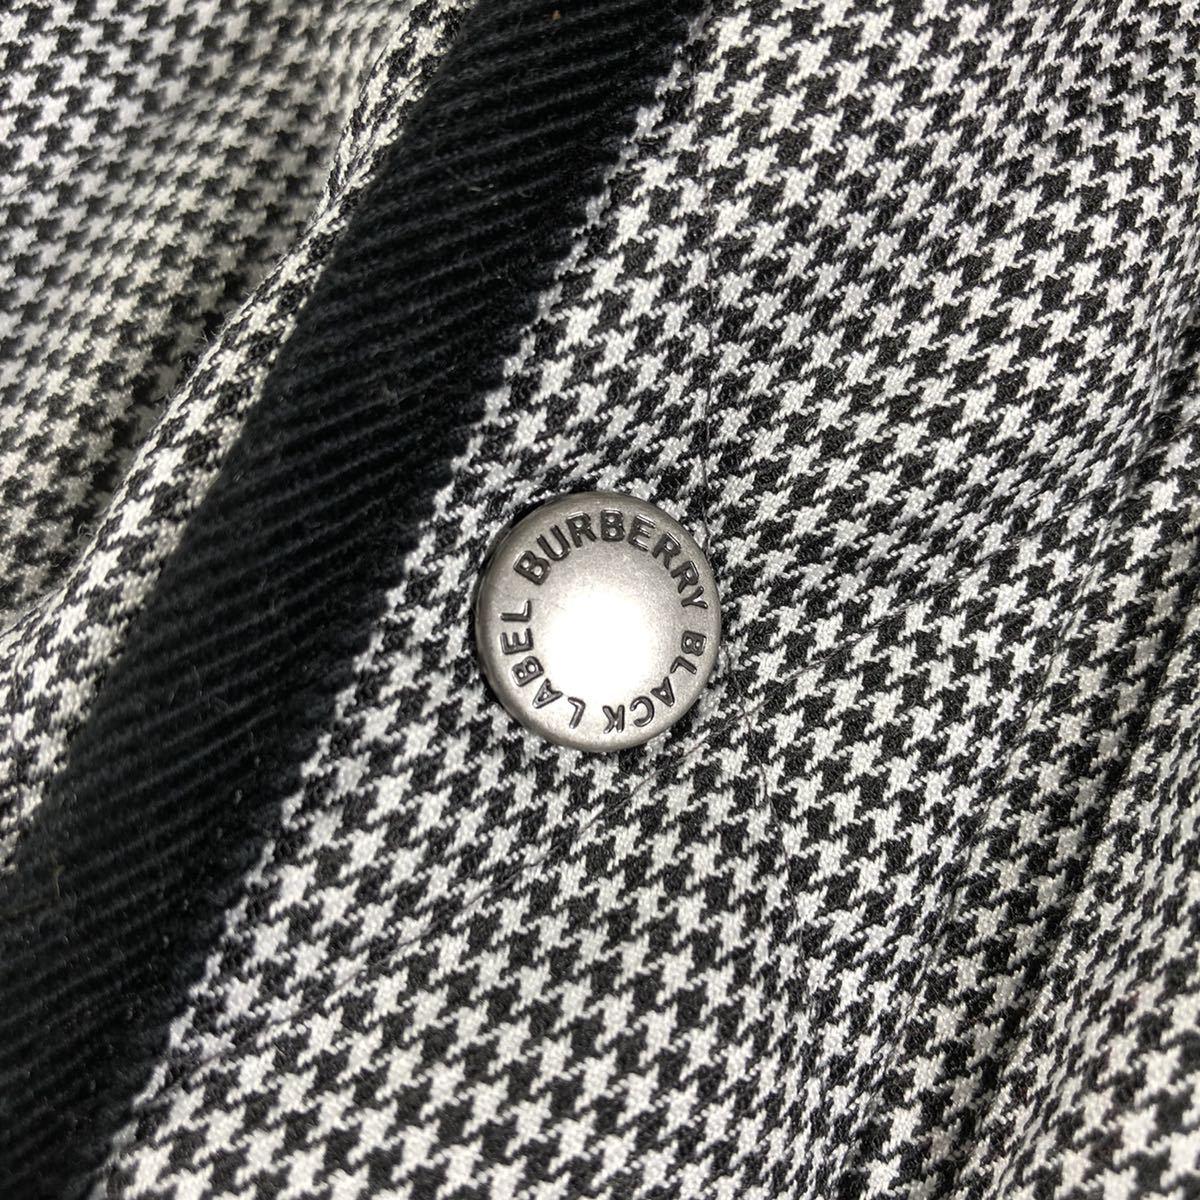 【ほぼ新品・極希少】バーバリーブラックレーベル キルティングジャケット 千鳥格子 Lサイズ BURBERRY BLACK LABEL アウター ブルゾン_画像7